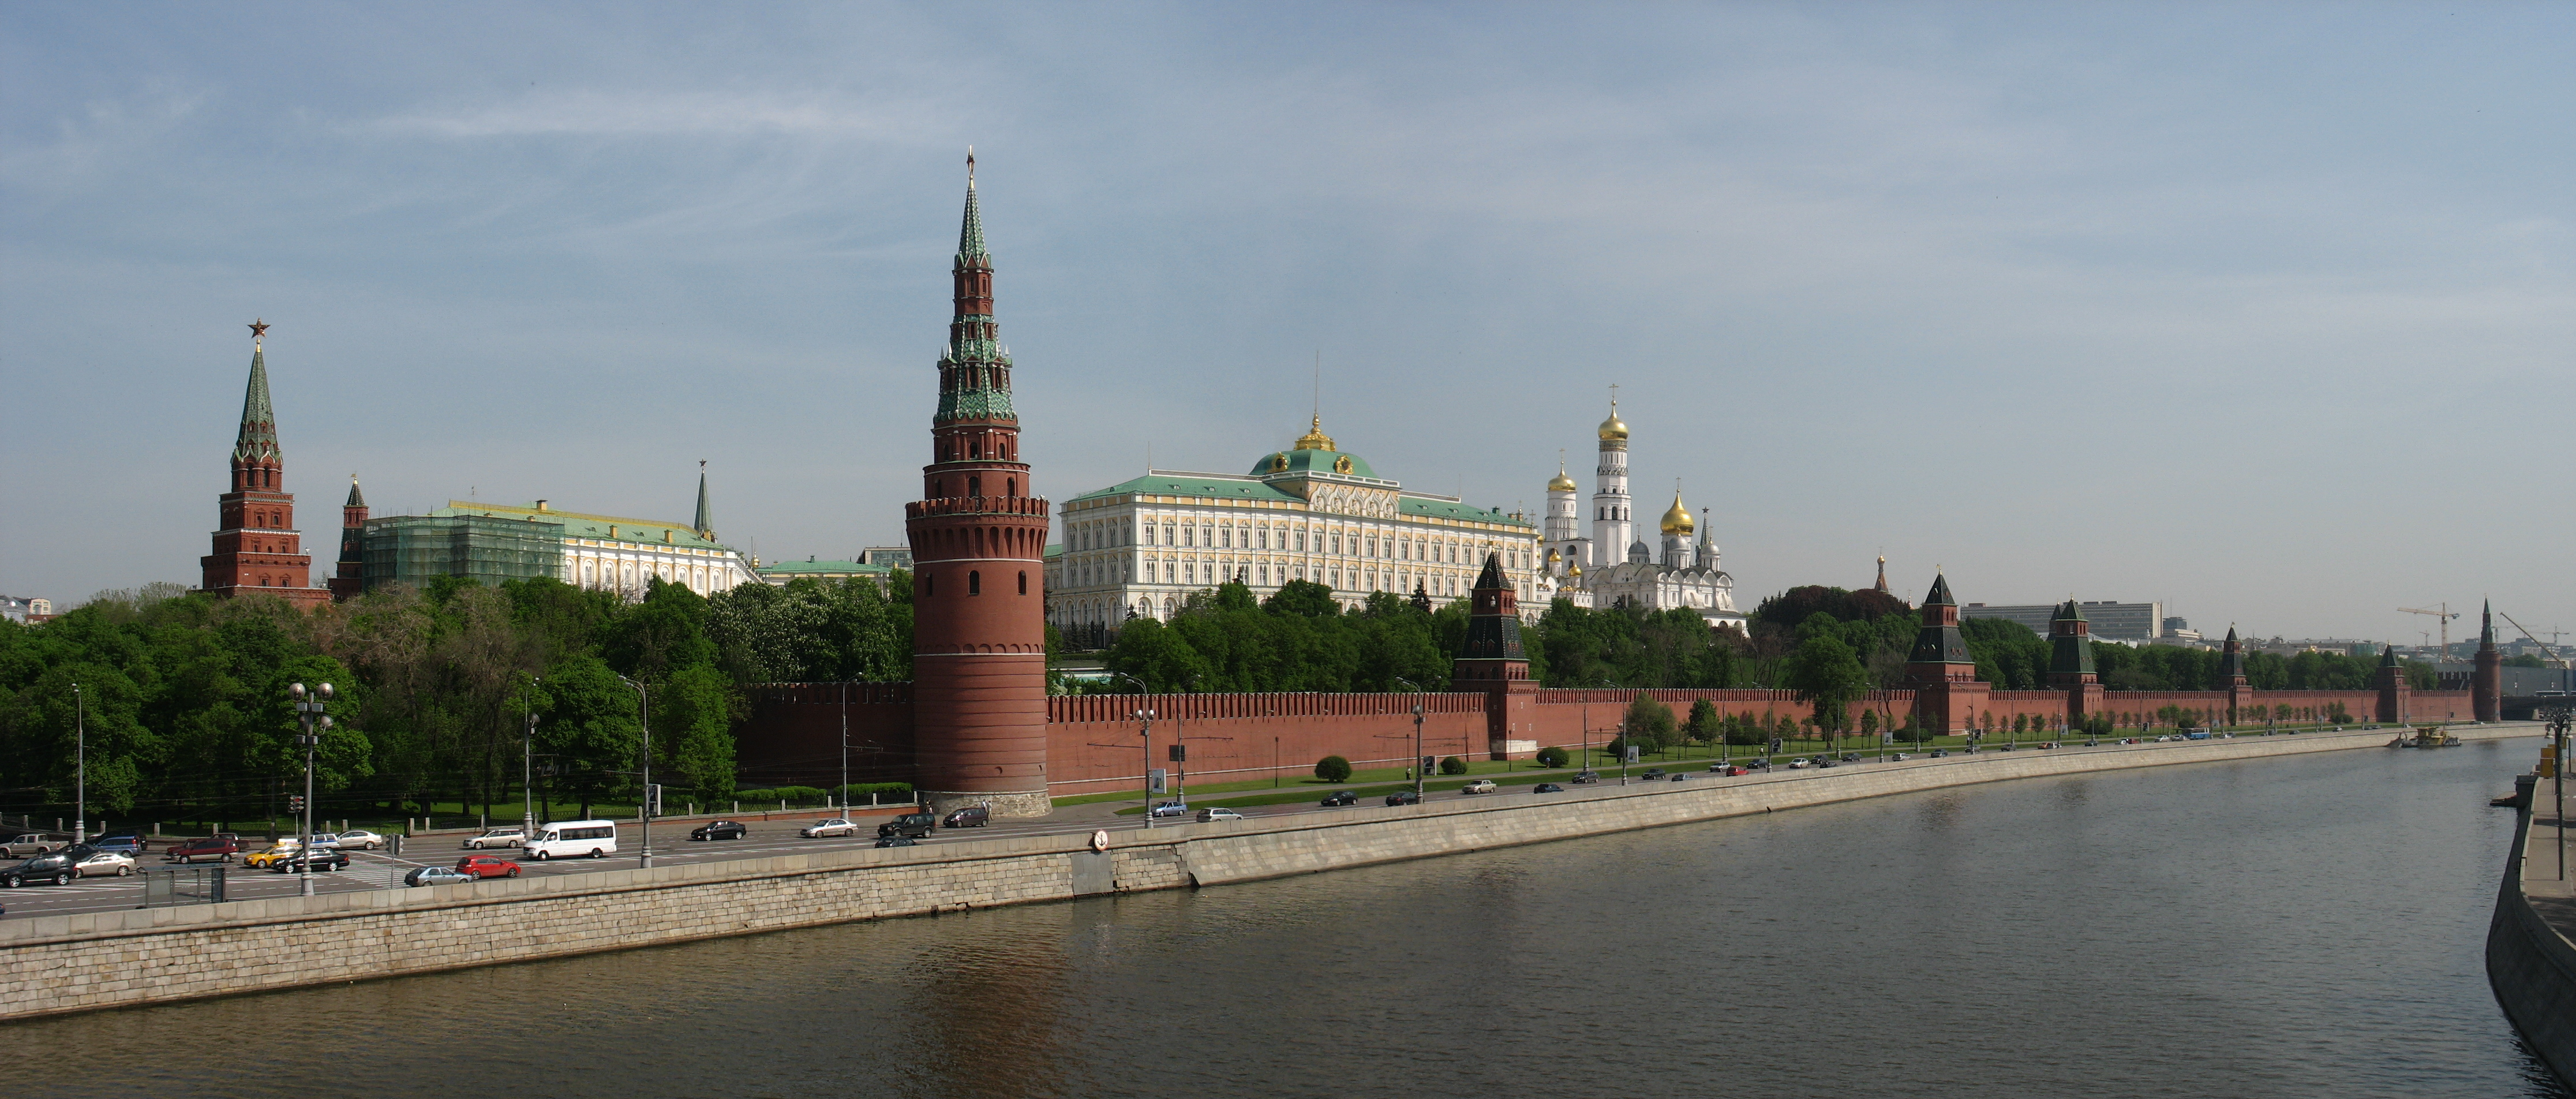 Гостиничные чеки в Москве с подтверждением.